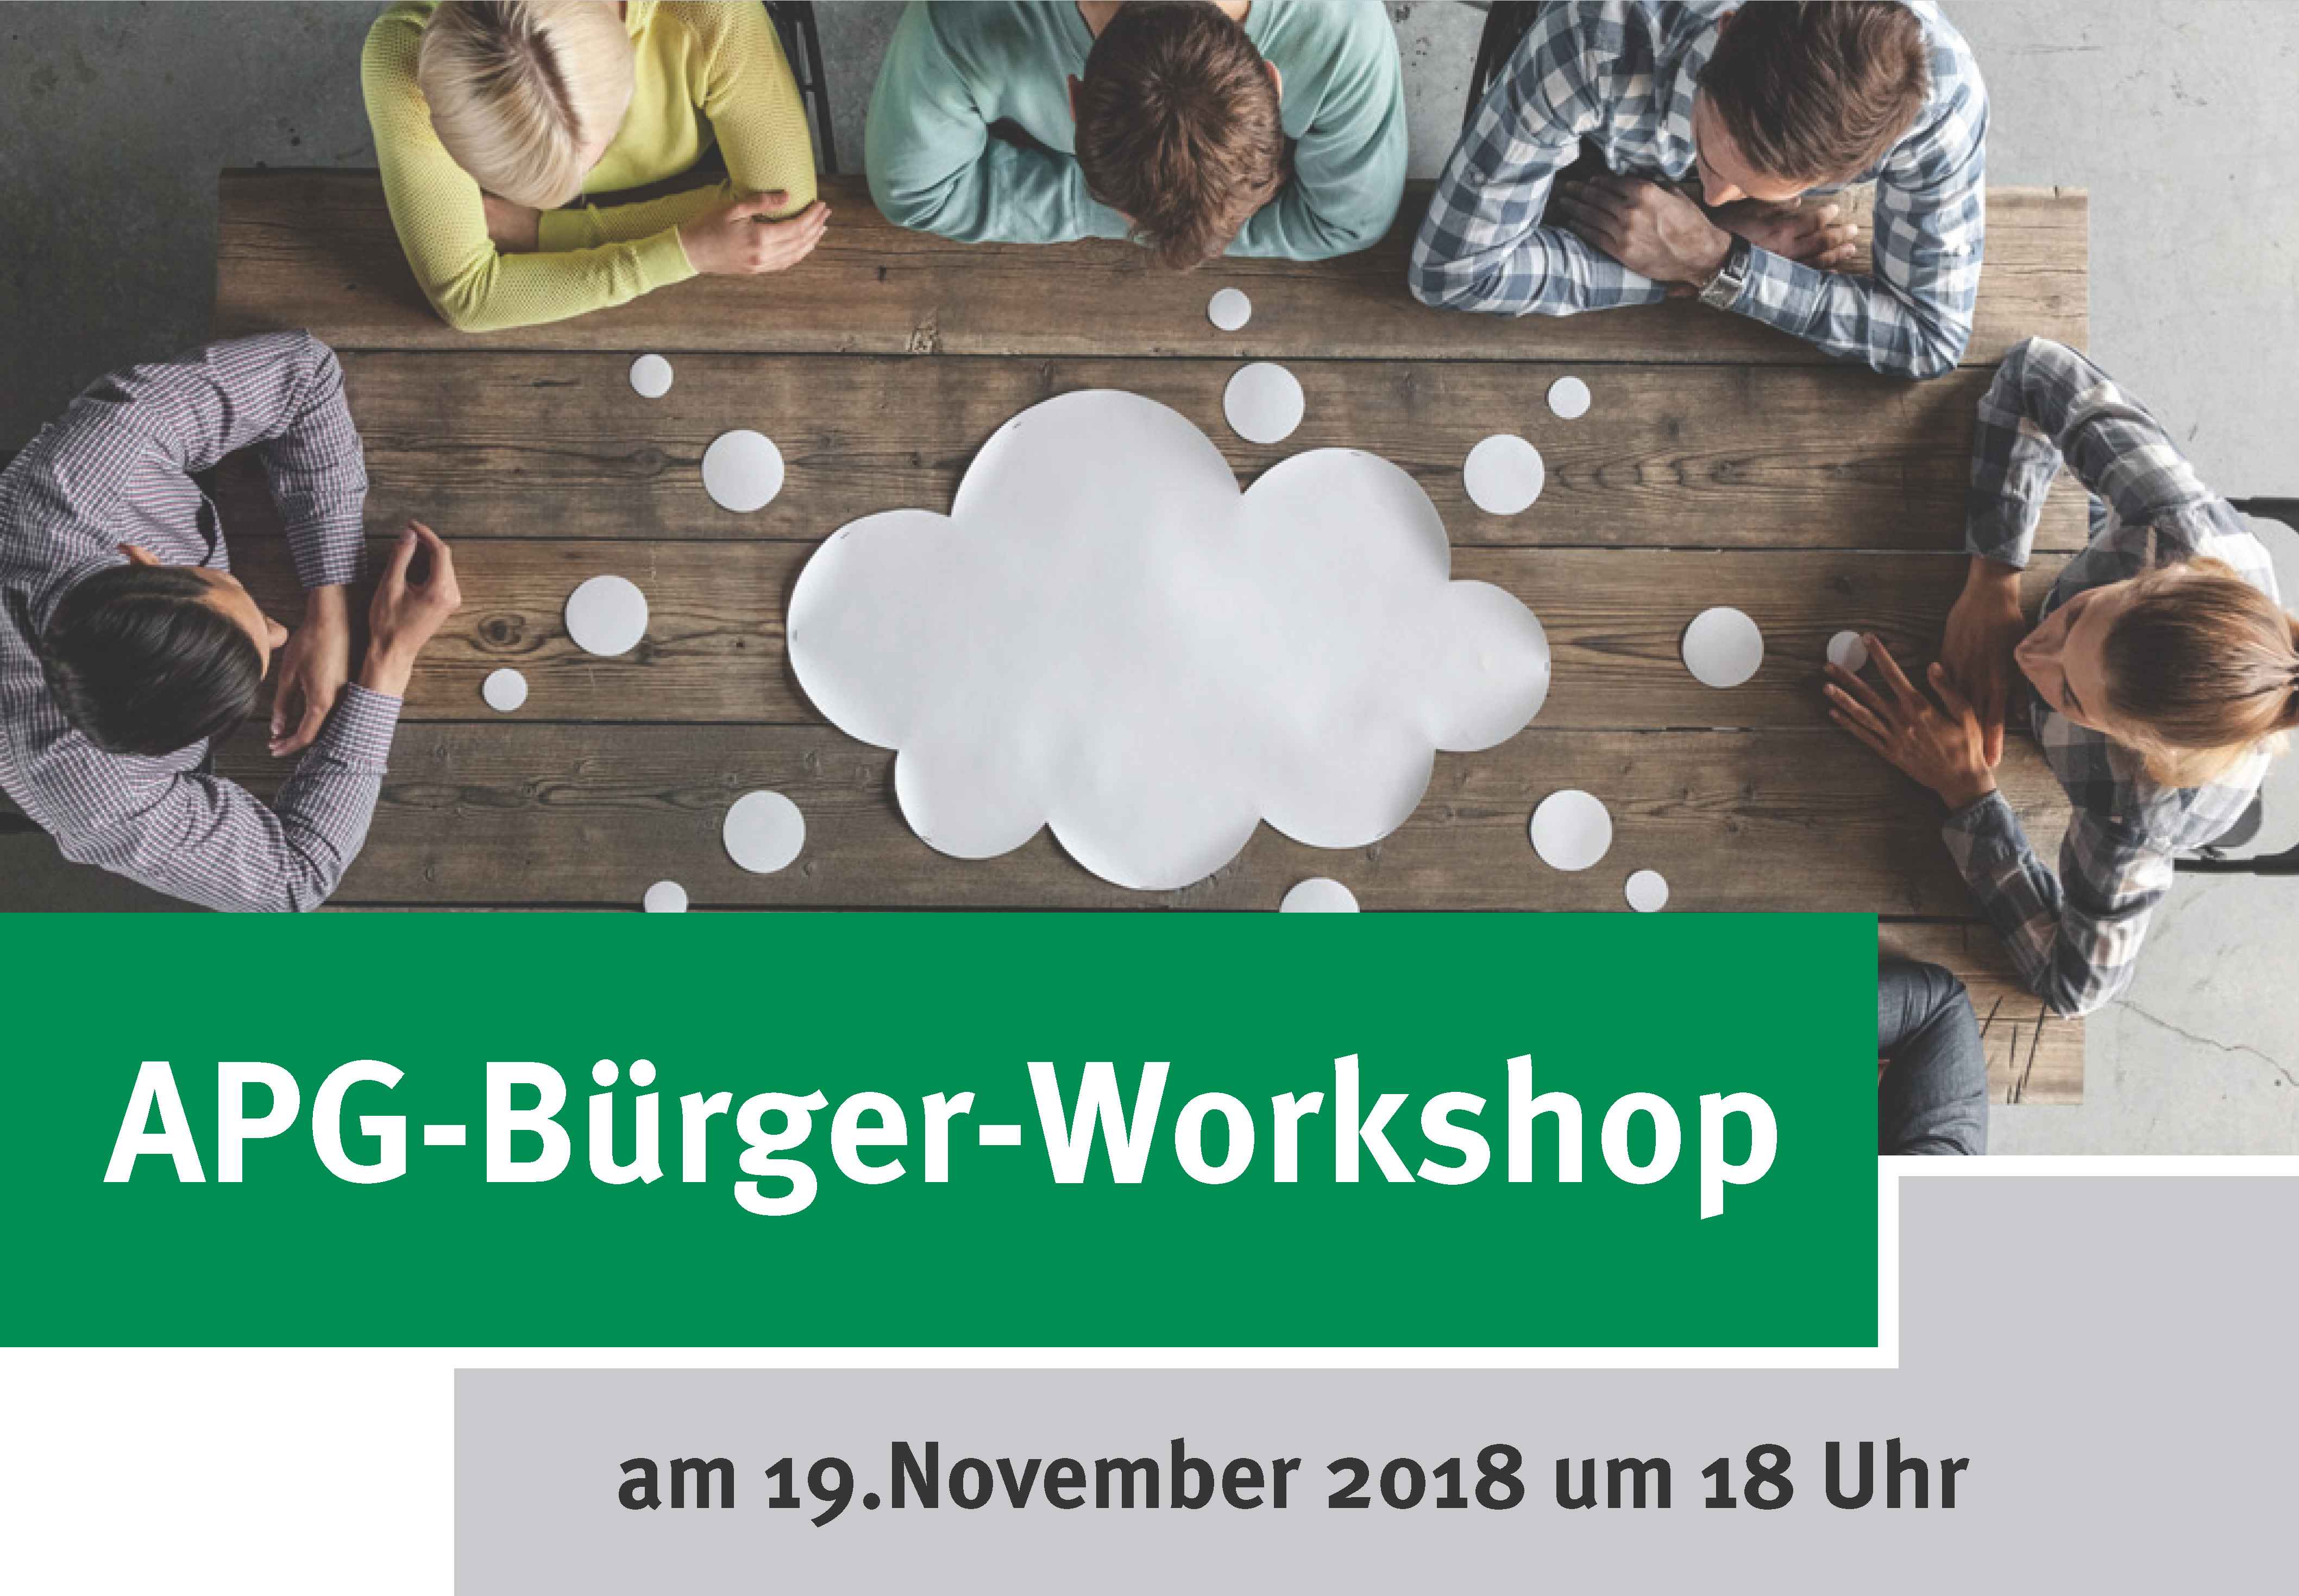 Startseite Marktgemeinde Sommerhausen Peugeot Fuse Box Diagram 207 Einladung Zum Apg Brger Workshop